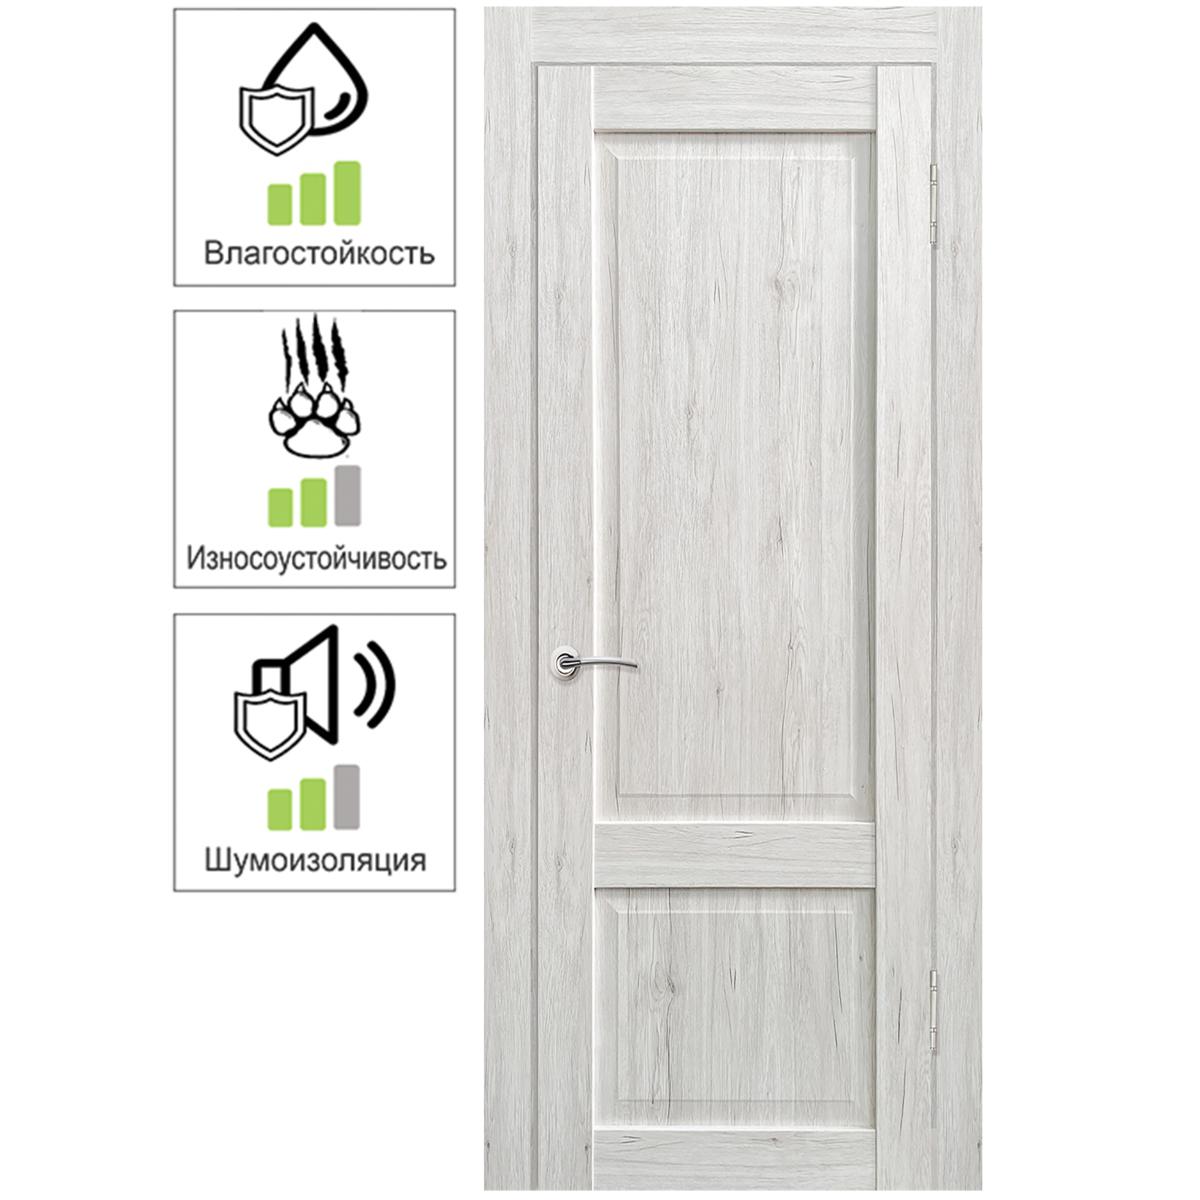 Дверь межкомнатная Амелия 90х200 см с фурнитурой ПВХ цвет рустик серый